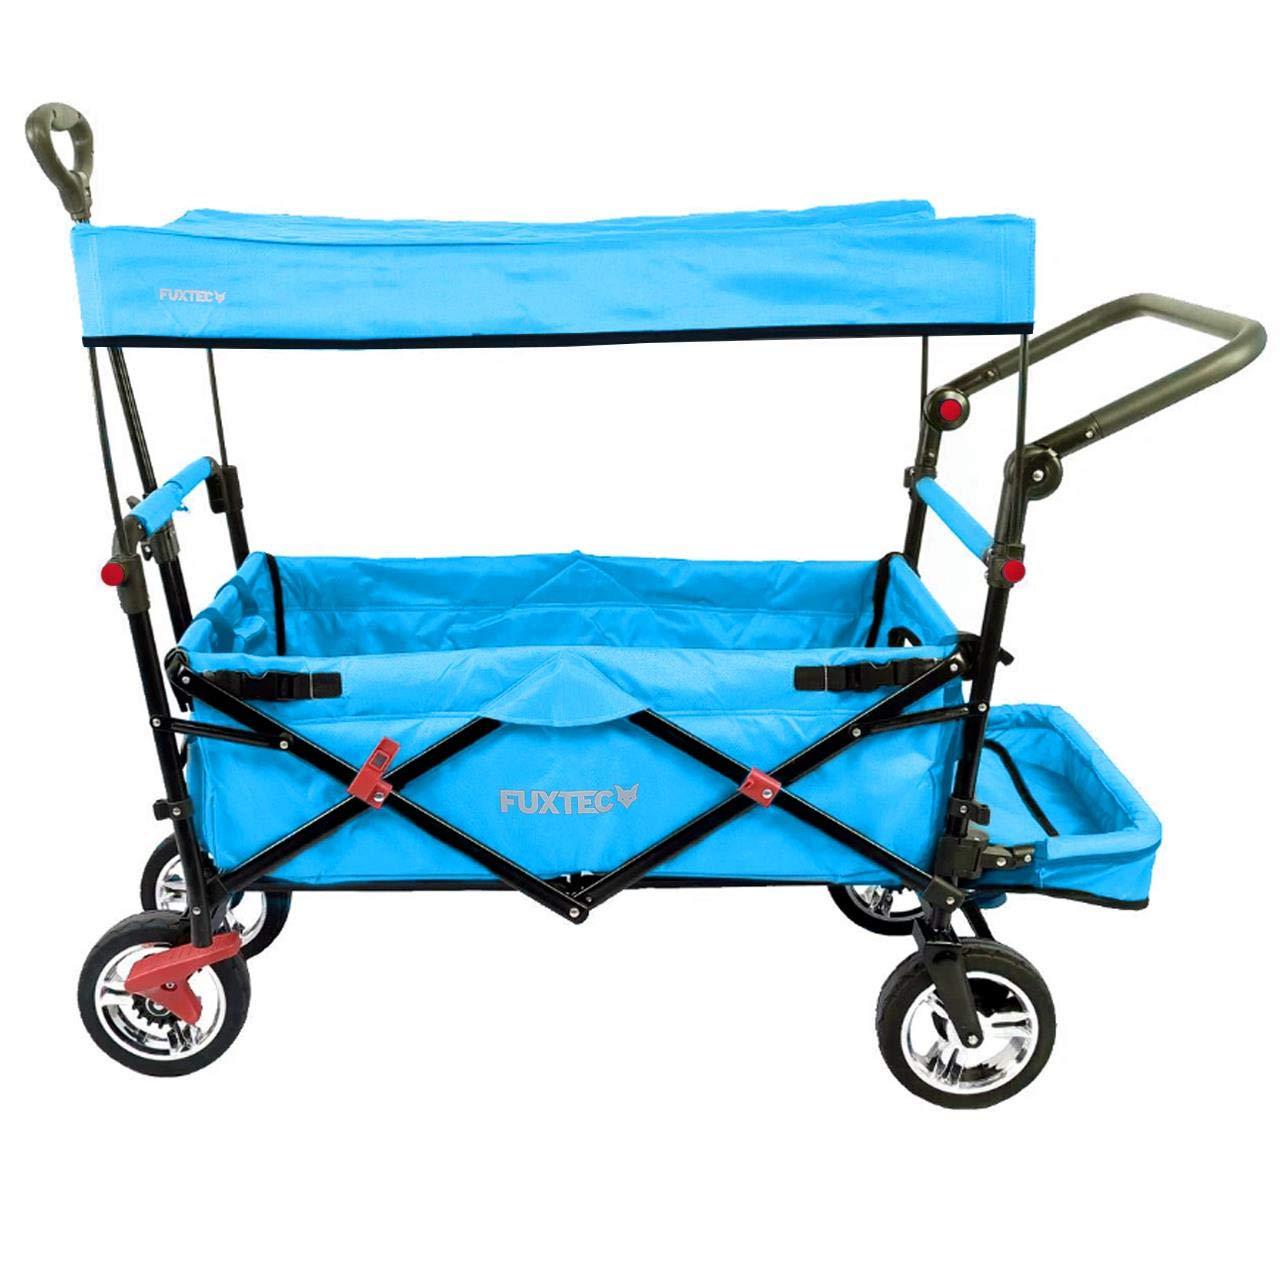 FUXTEC faltbarer Bollerwagen FX-CT800 türkis klappbar mit Dach, Vorder- und Hinterrad-Bremse, Vollgummi-Reifen, Bügel,Innenraumverlängerung für extra lange Beine, für Kinder geeignet - Das Original